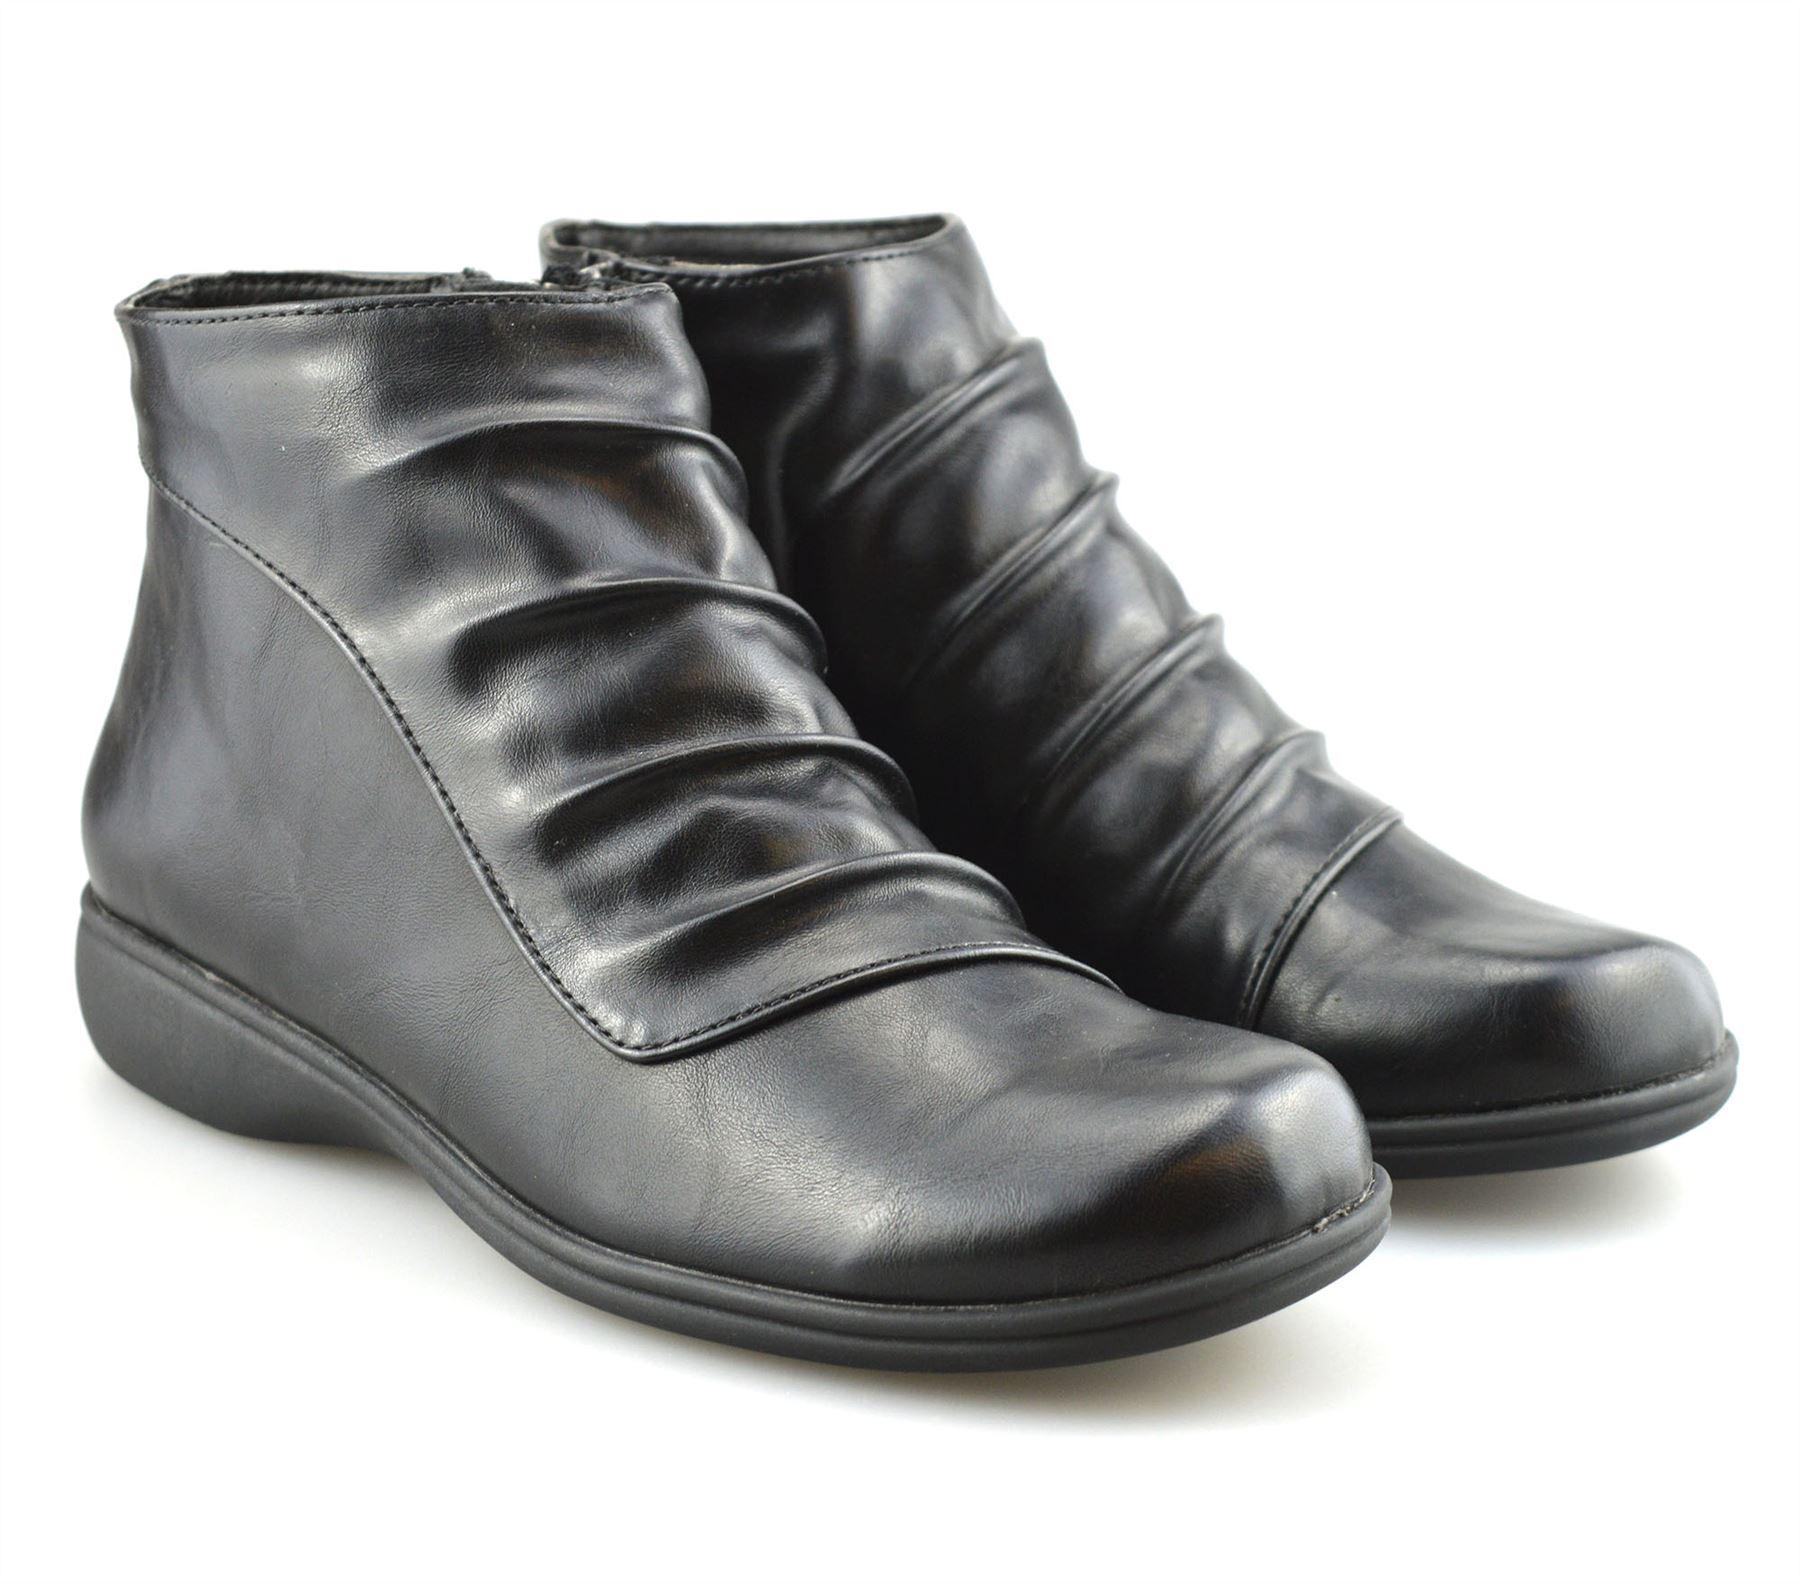 4c1d5c50fcd84 Ladies Womens Low Flat Heel Smart Casual Zip Up Ankle Boots Booties ...